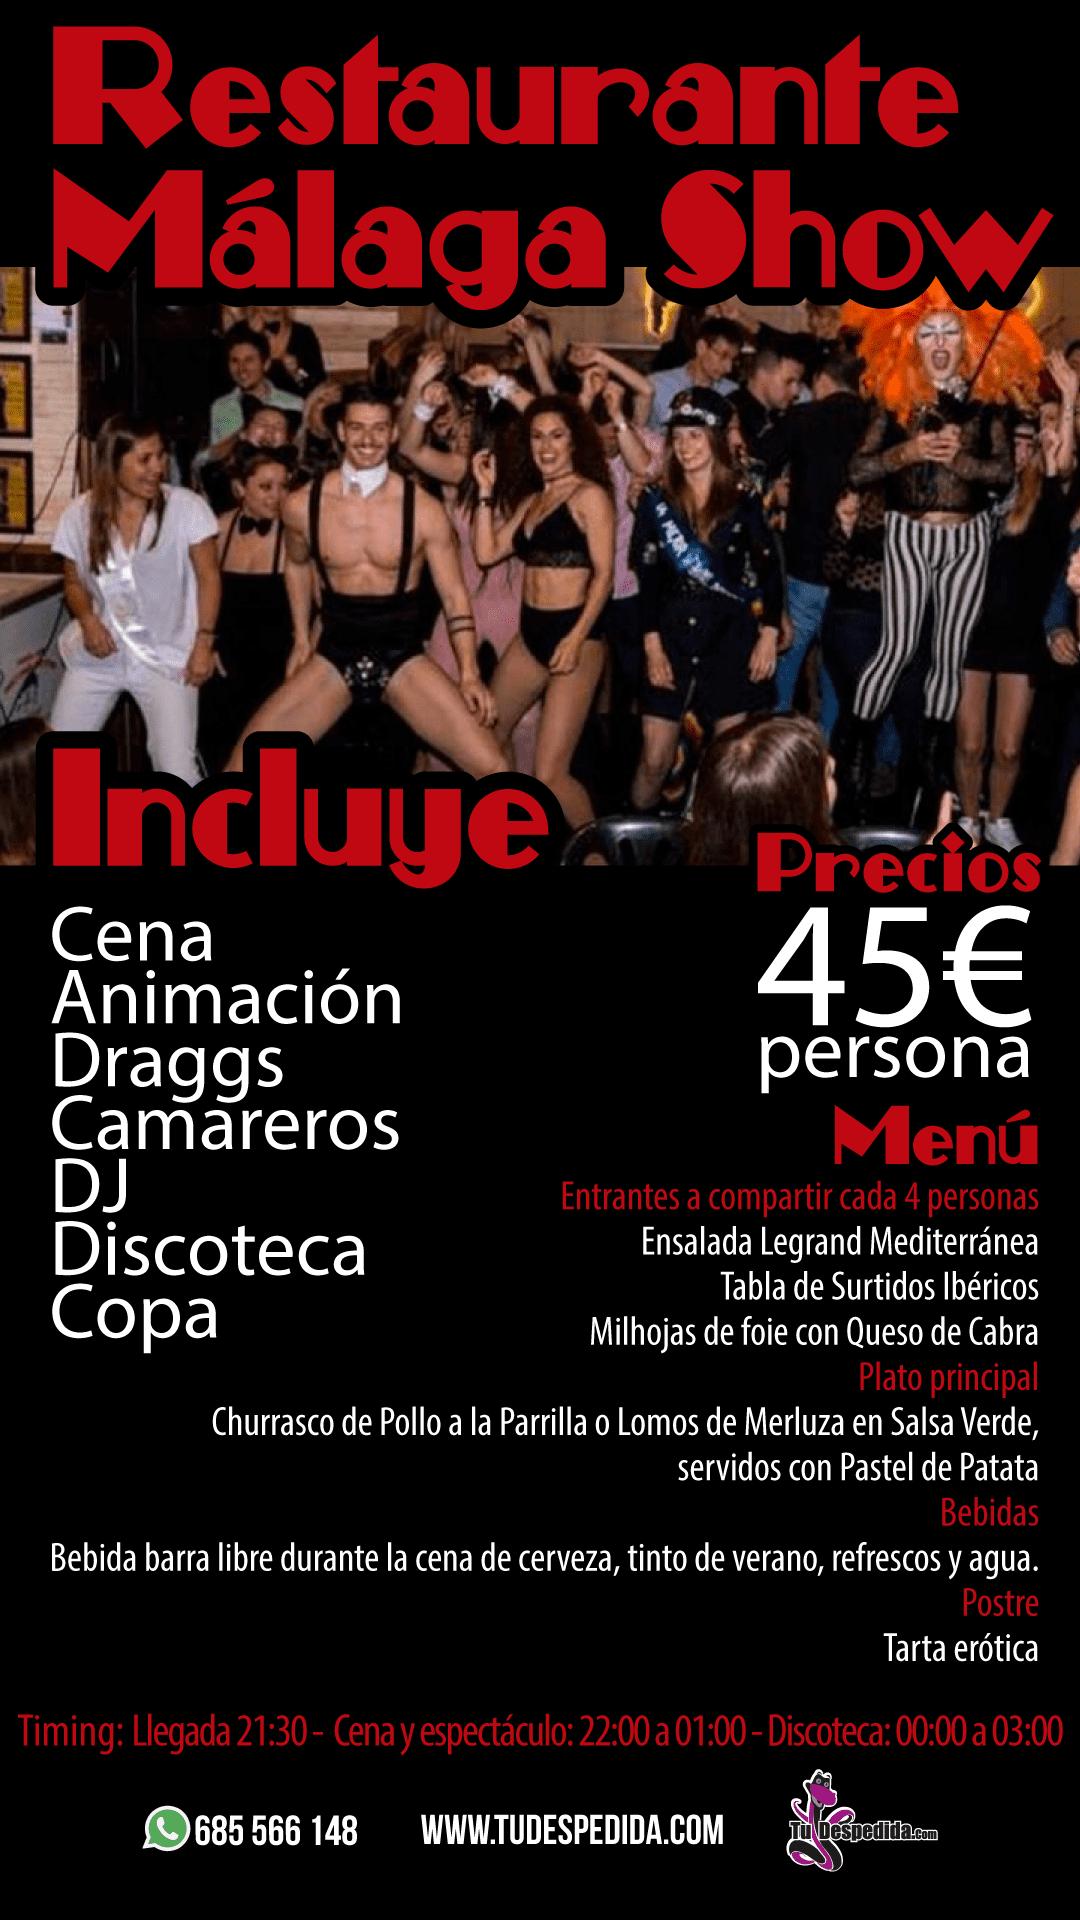 Rte Málaga Show